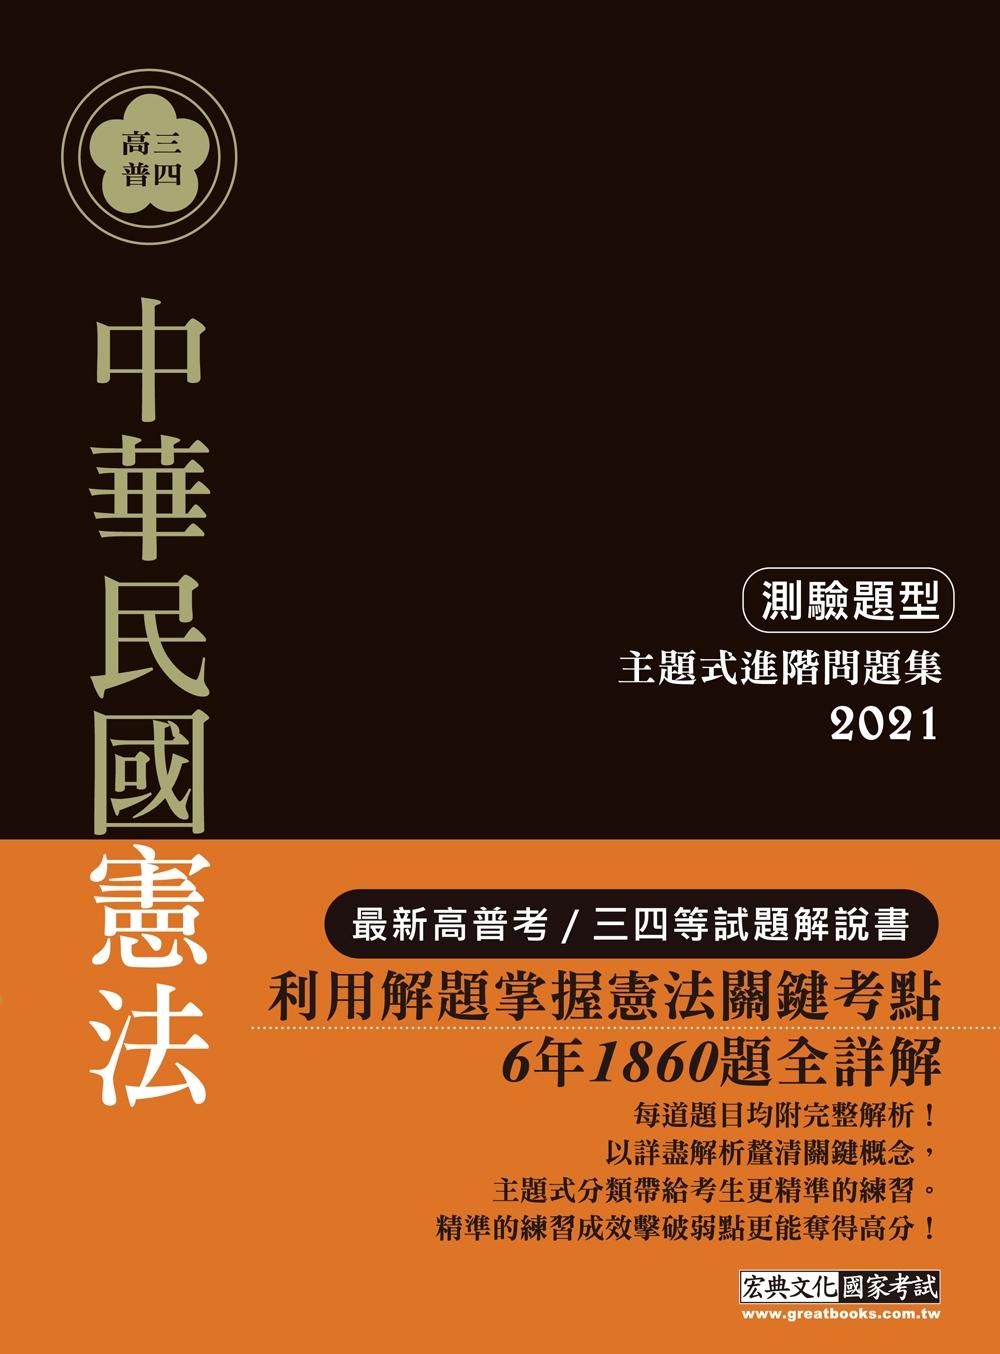 【好好讀憲法】2021高普考/三四等特考適用:憲法(測驗題型) 主題式進階問題集